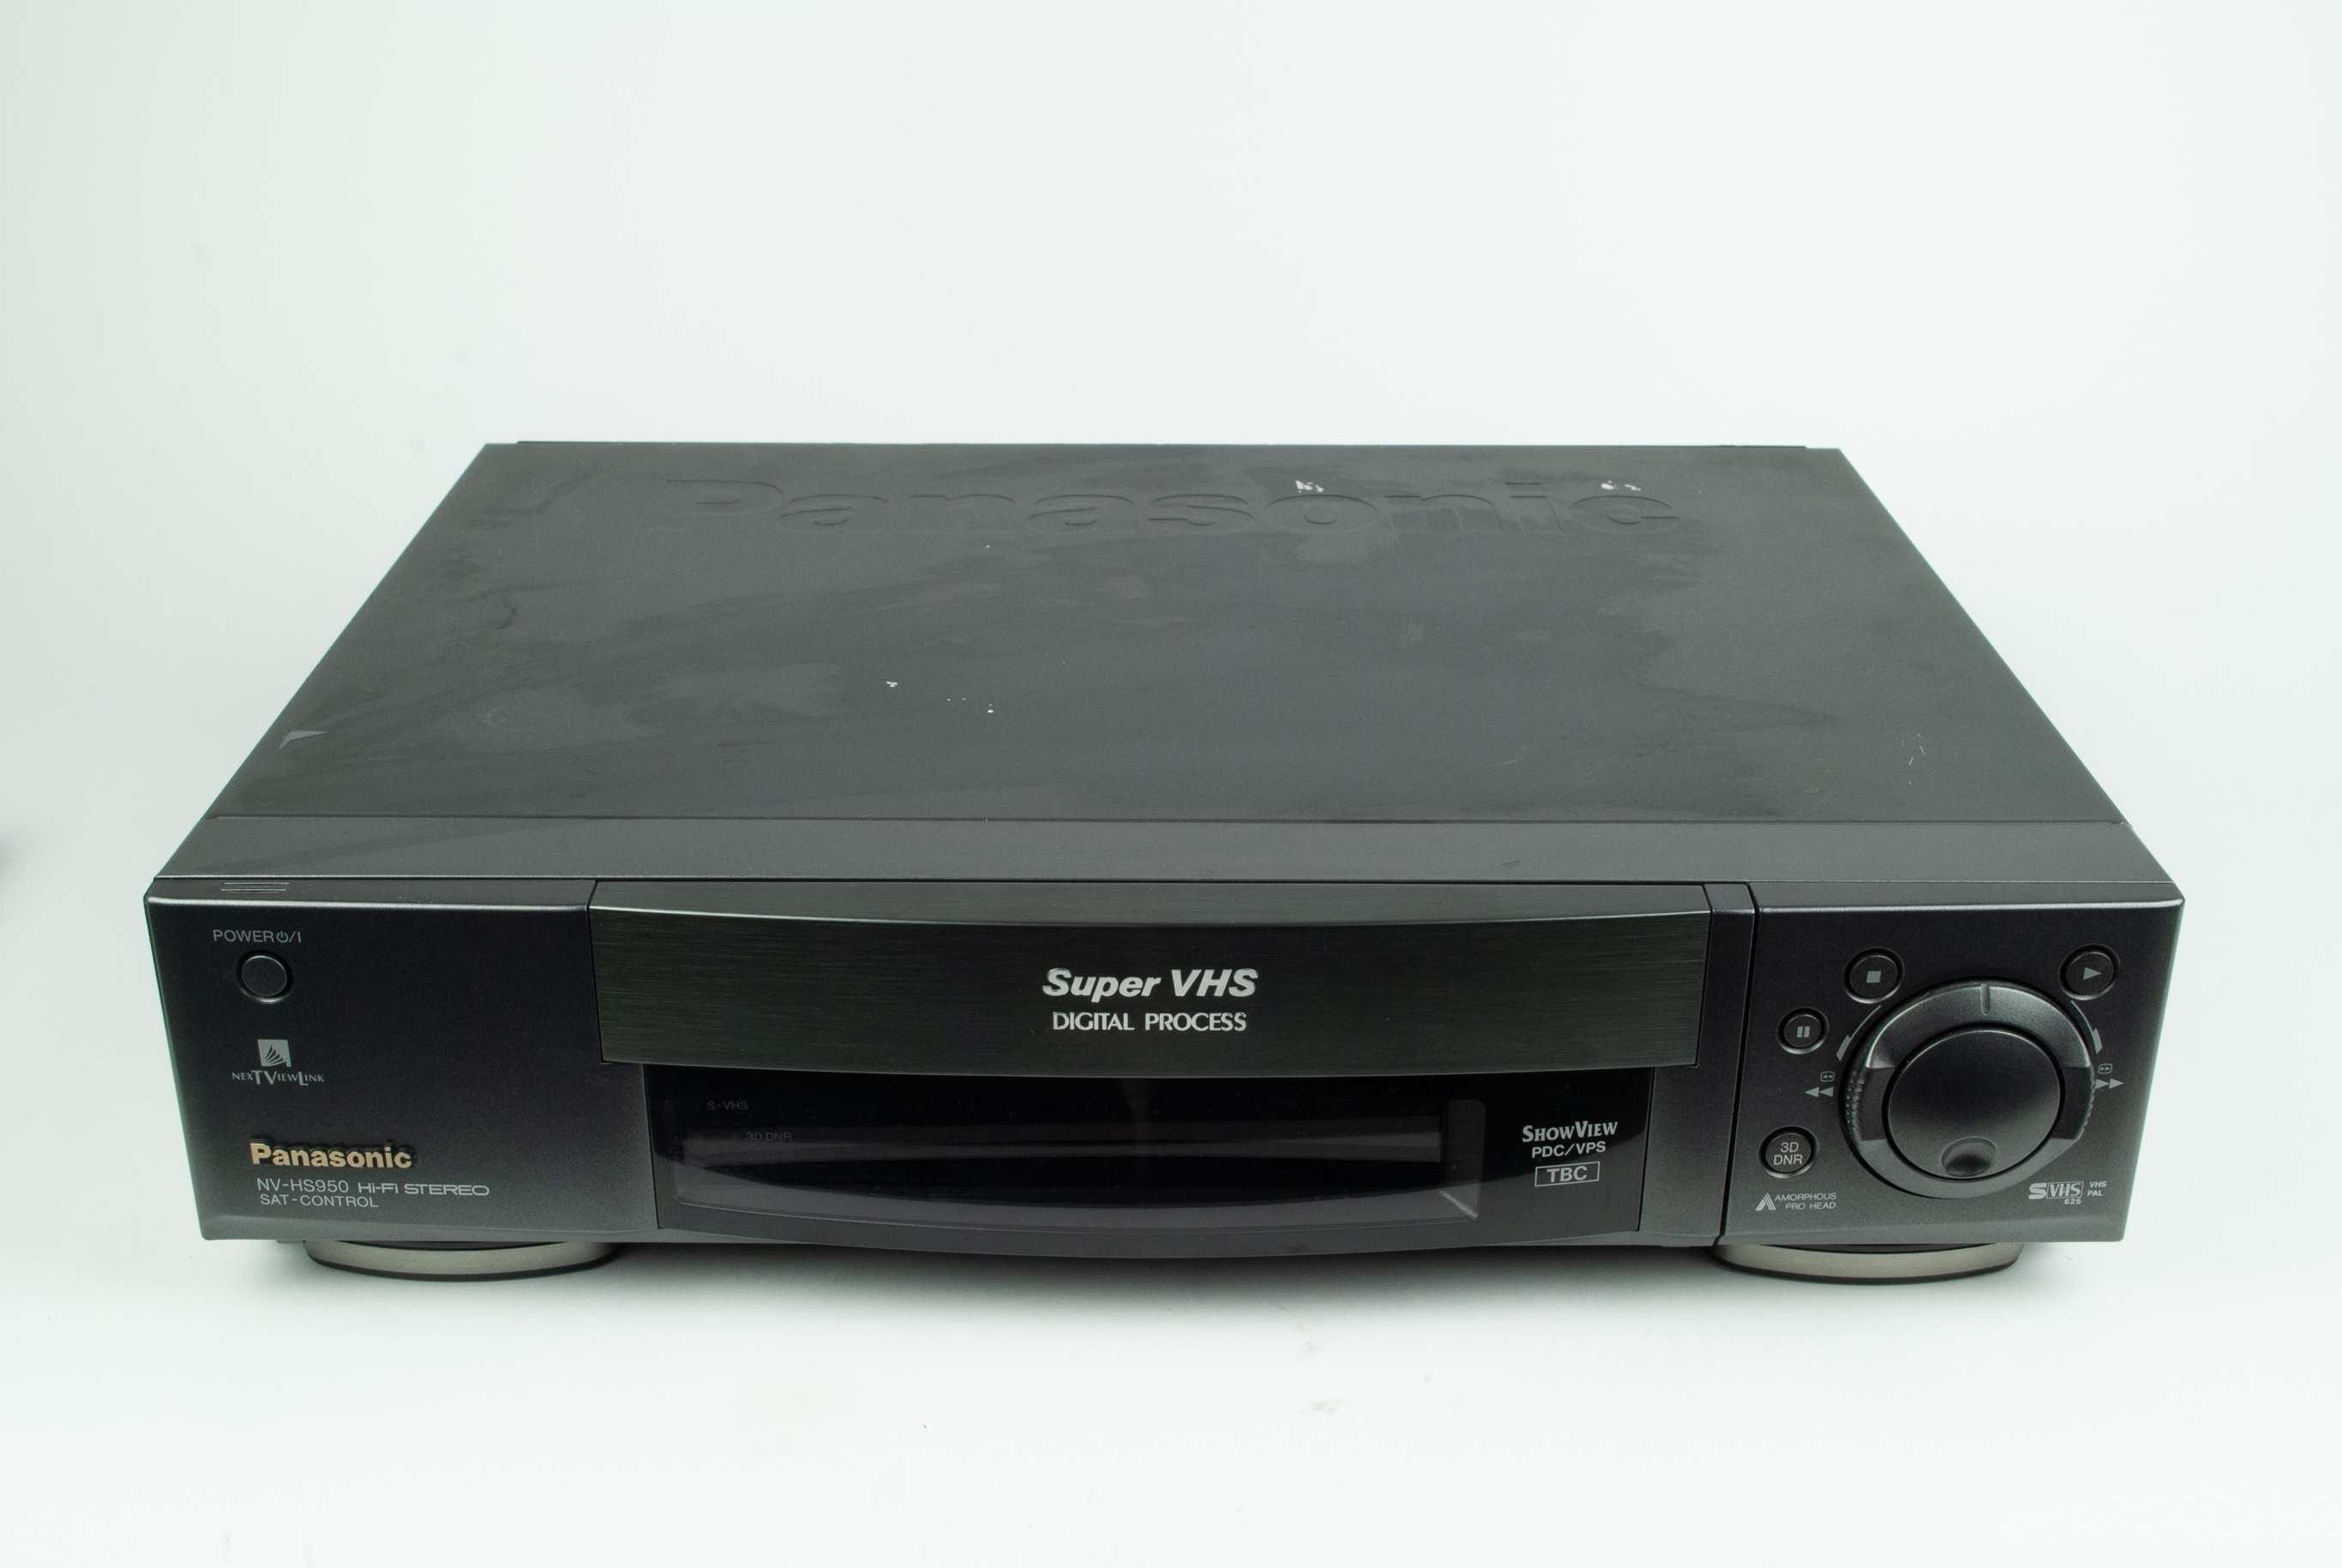 NV-HS950